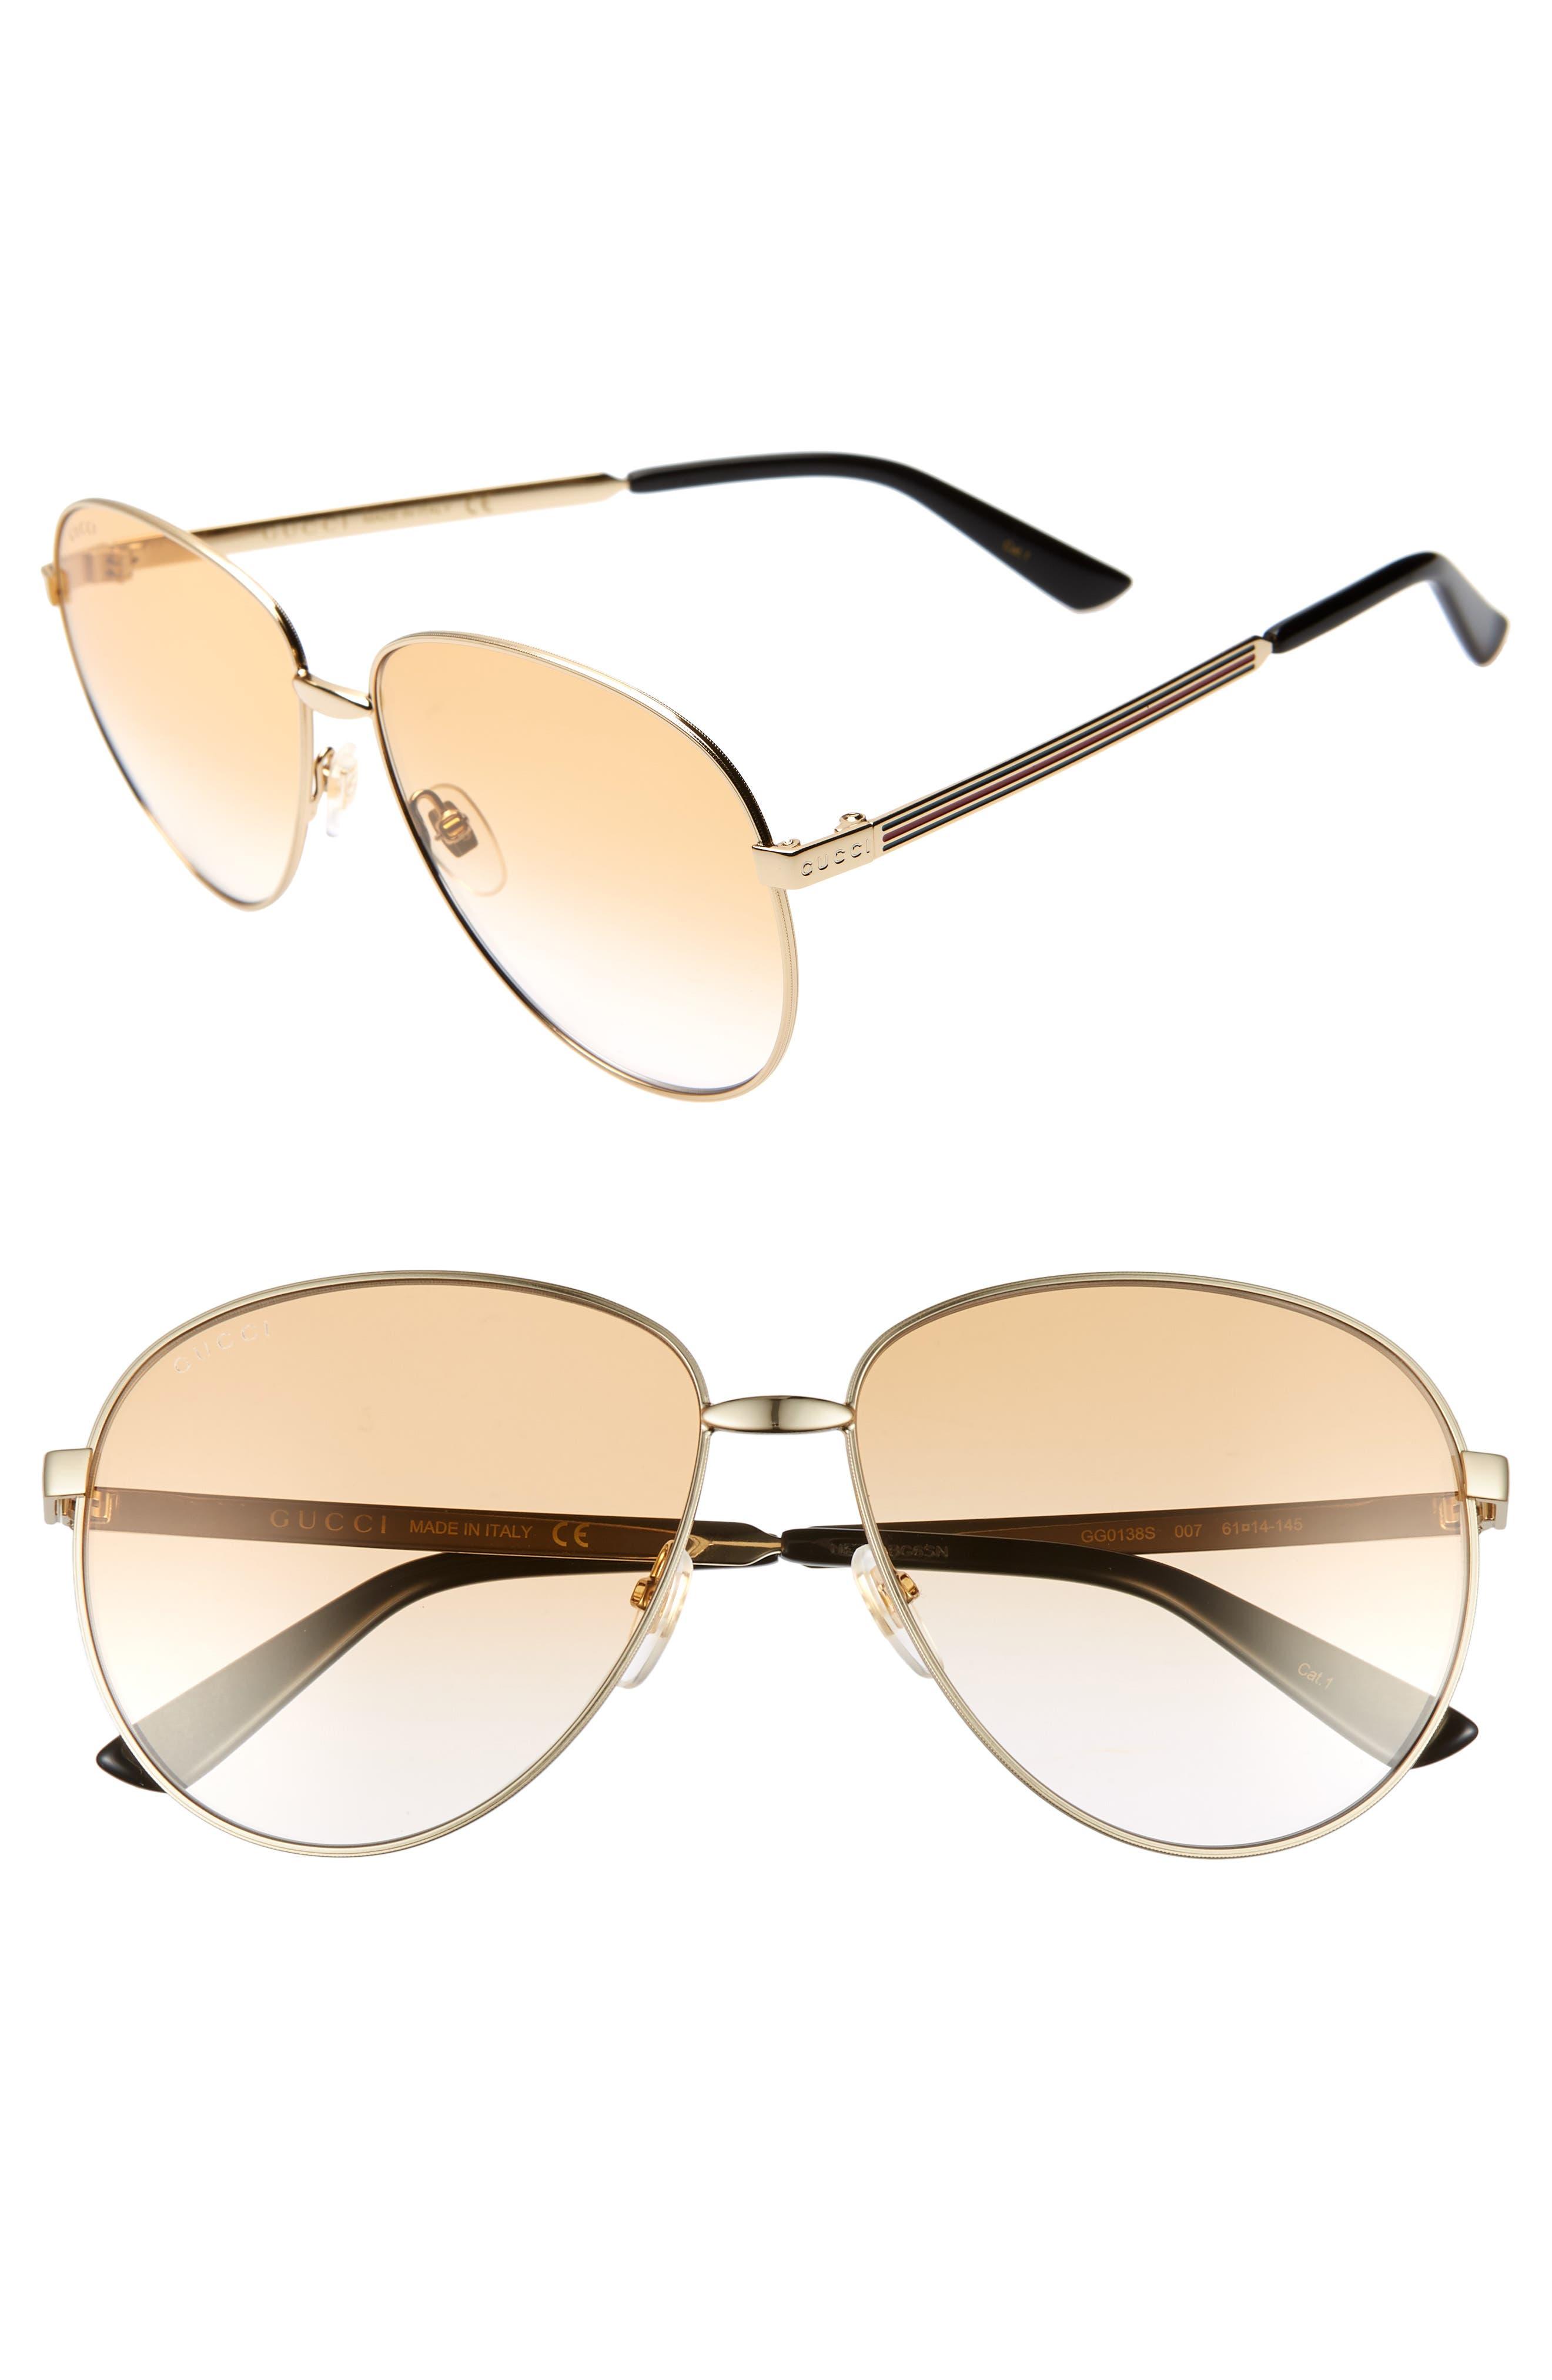 61mm Metal Aviator Sunglasses,                             Main thumbnail 1, color,                             GOLD/ BROWN GRADIENT